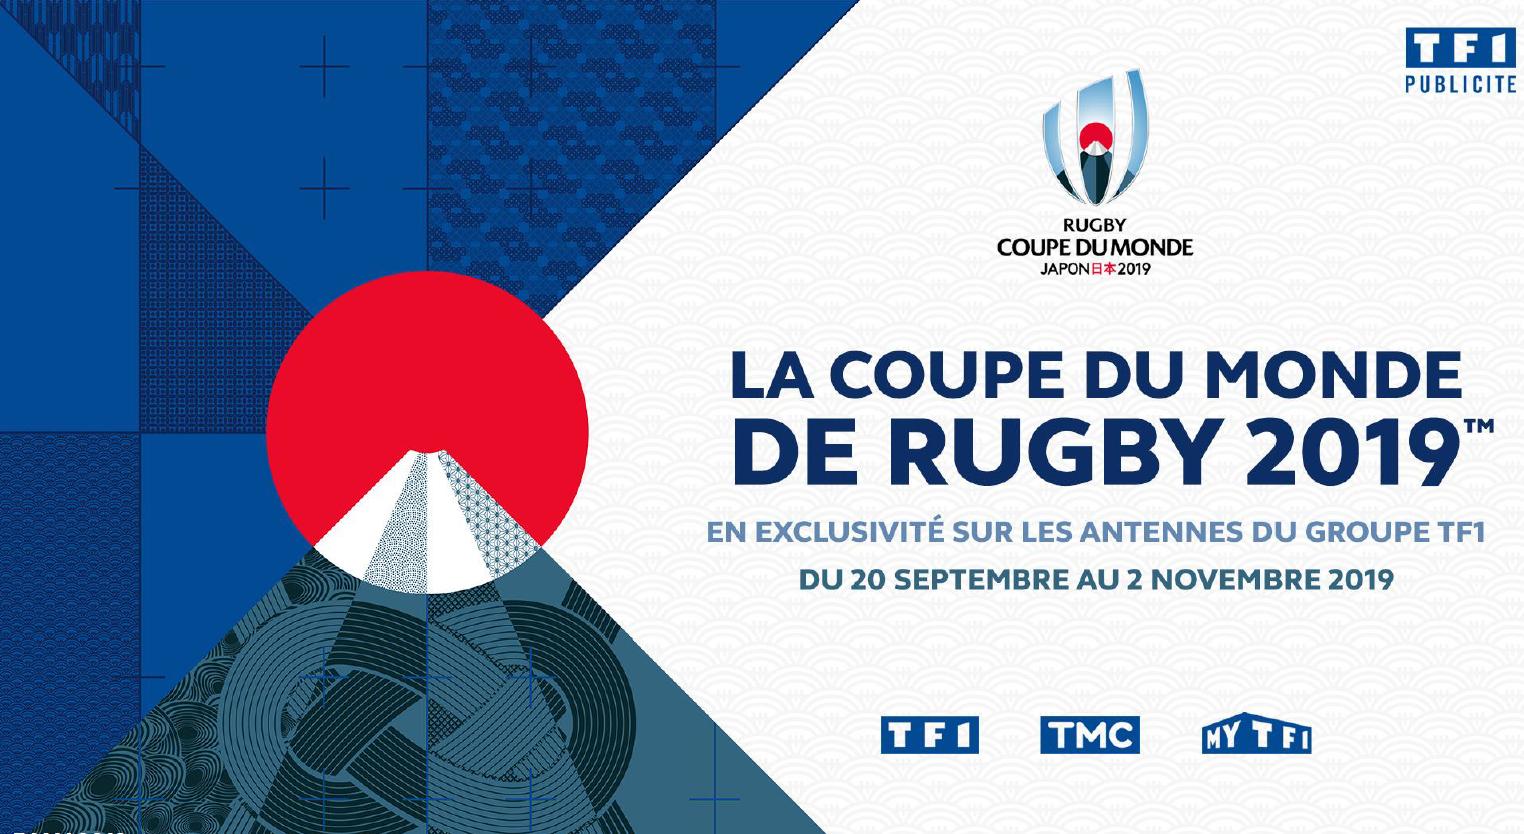 coupe-du-monde-de-rugby-tm_offre.png